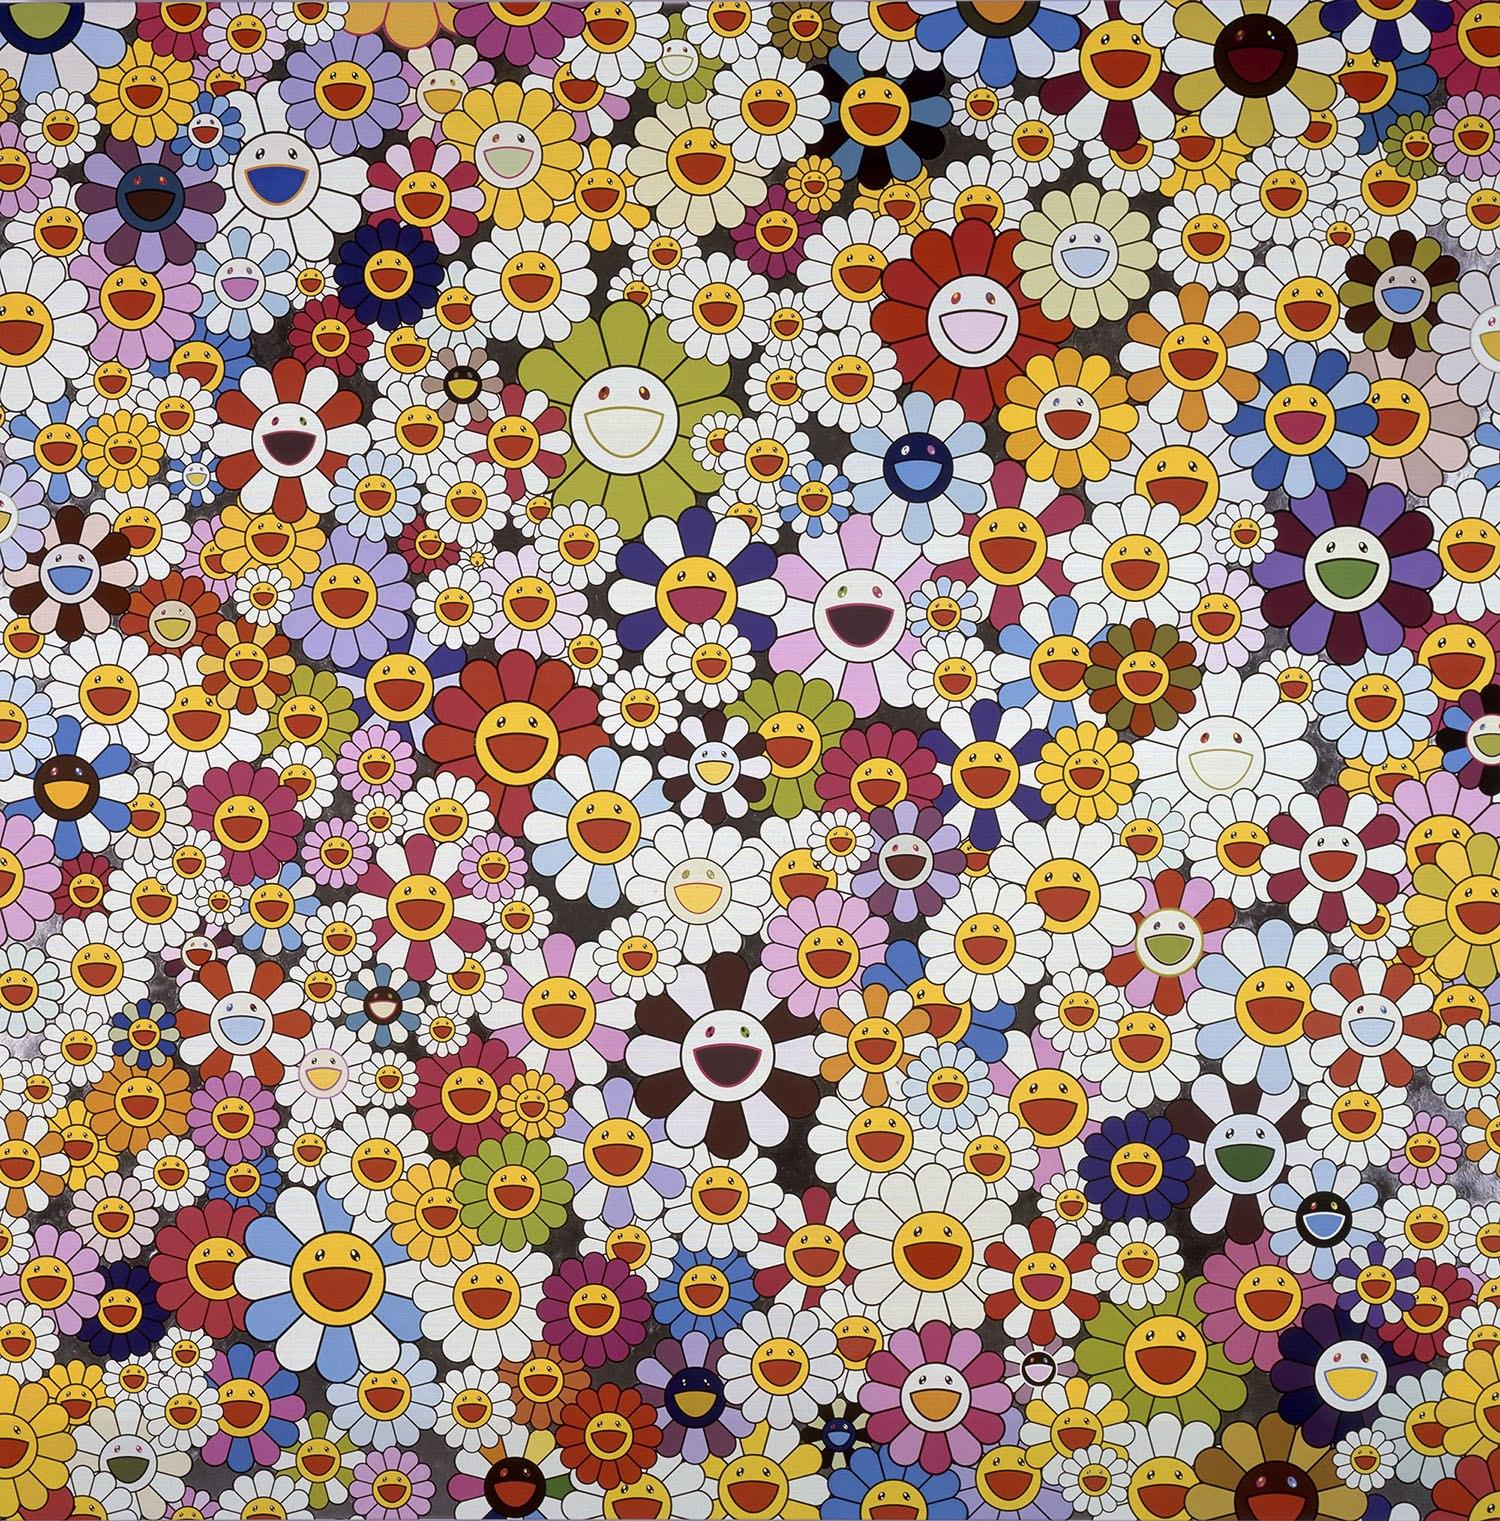 Flowers, flowers, flowers by Takashi Murakami (Takashi Murakami/Kaikai Kiki Co.)